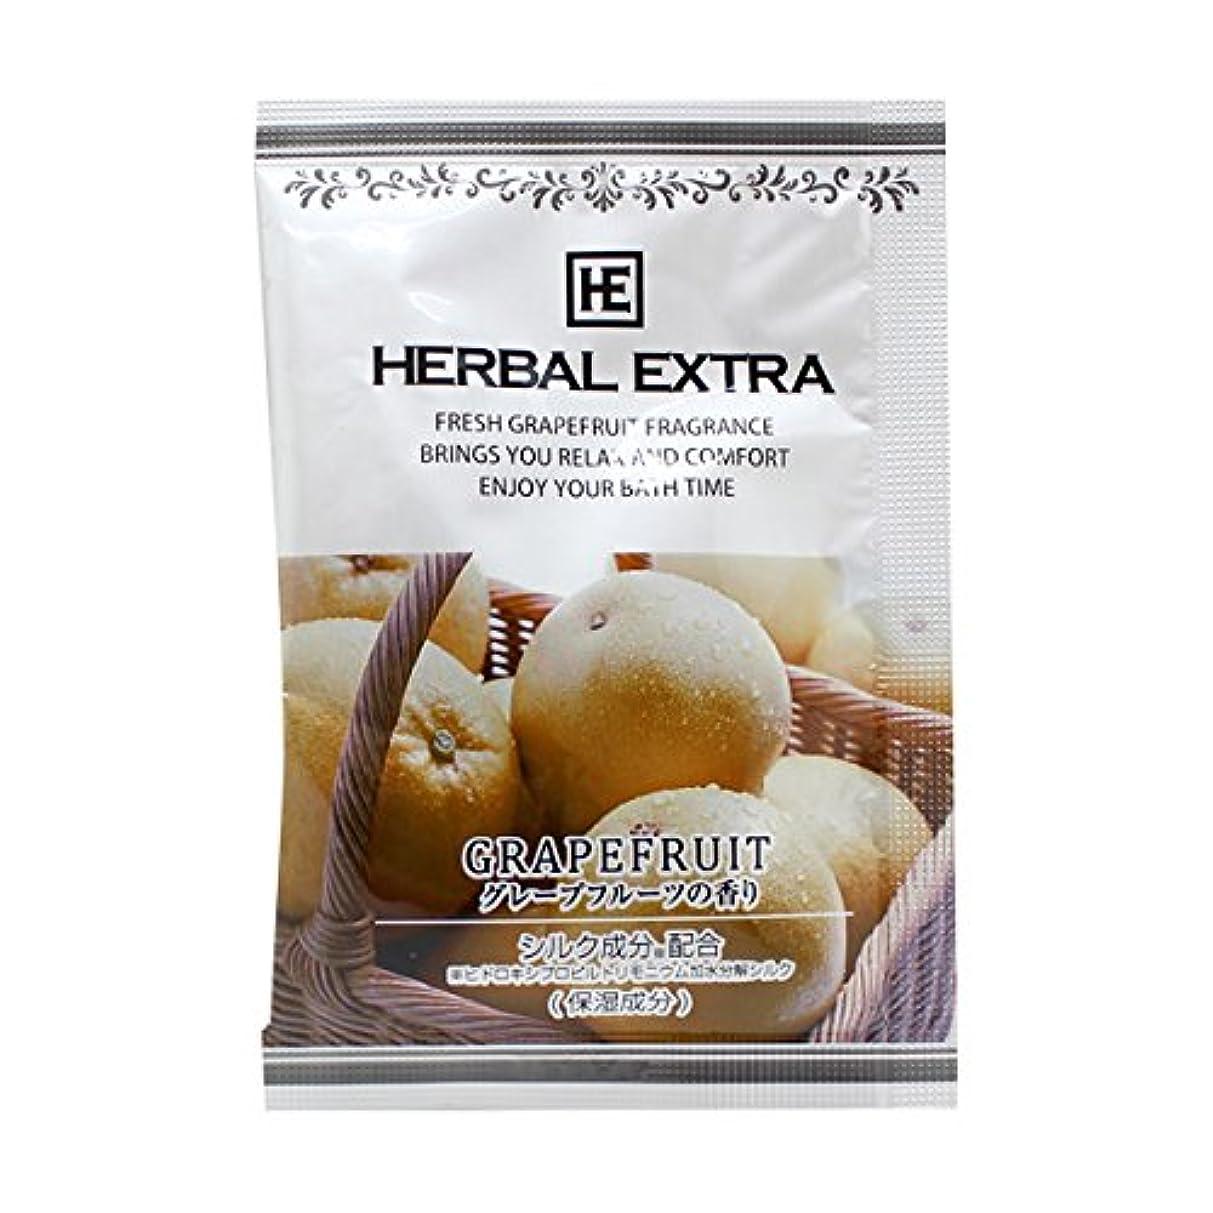 死んでいる大憤る入浴剤 ハーバルエクストラ「グレープフルーツの香り」30個